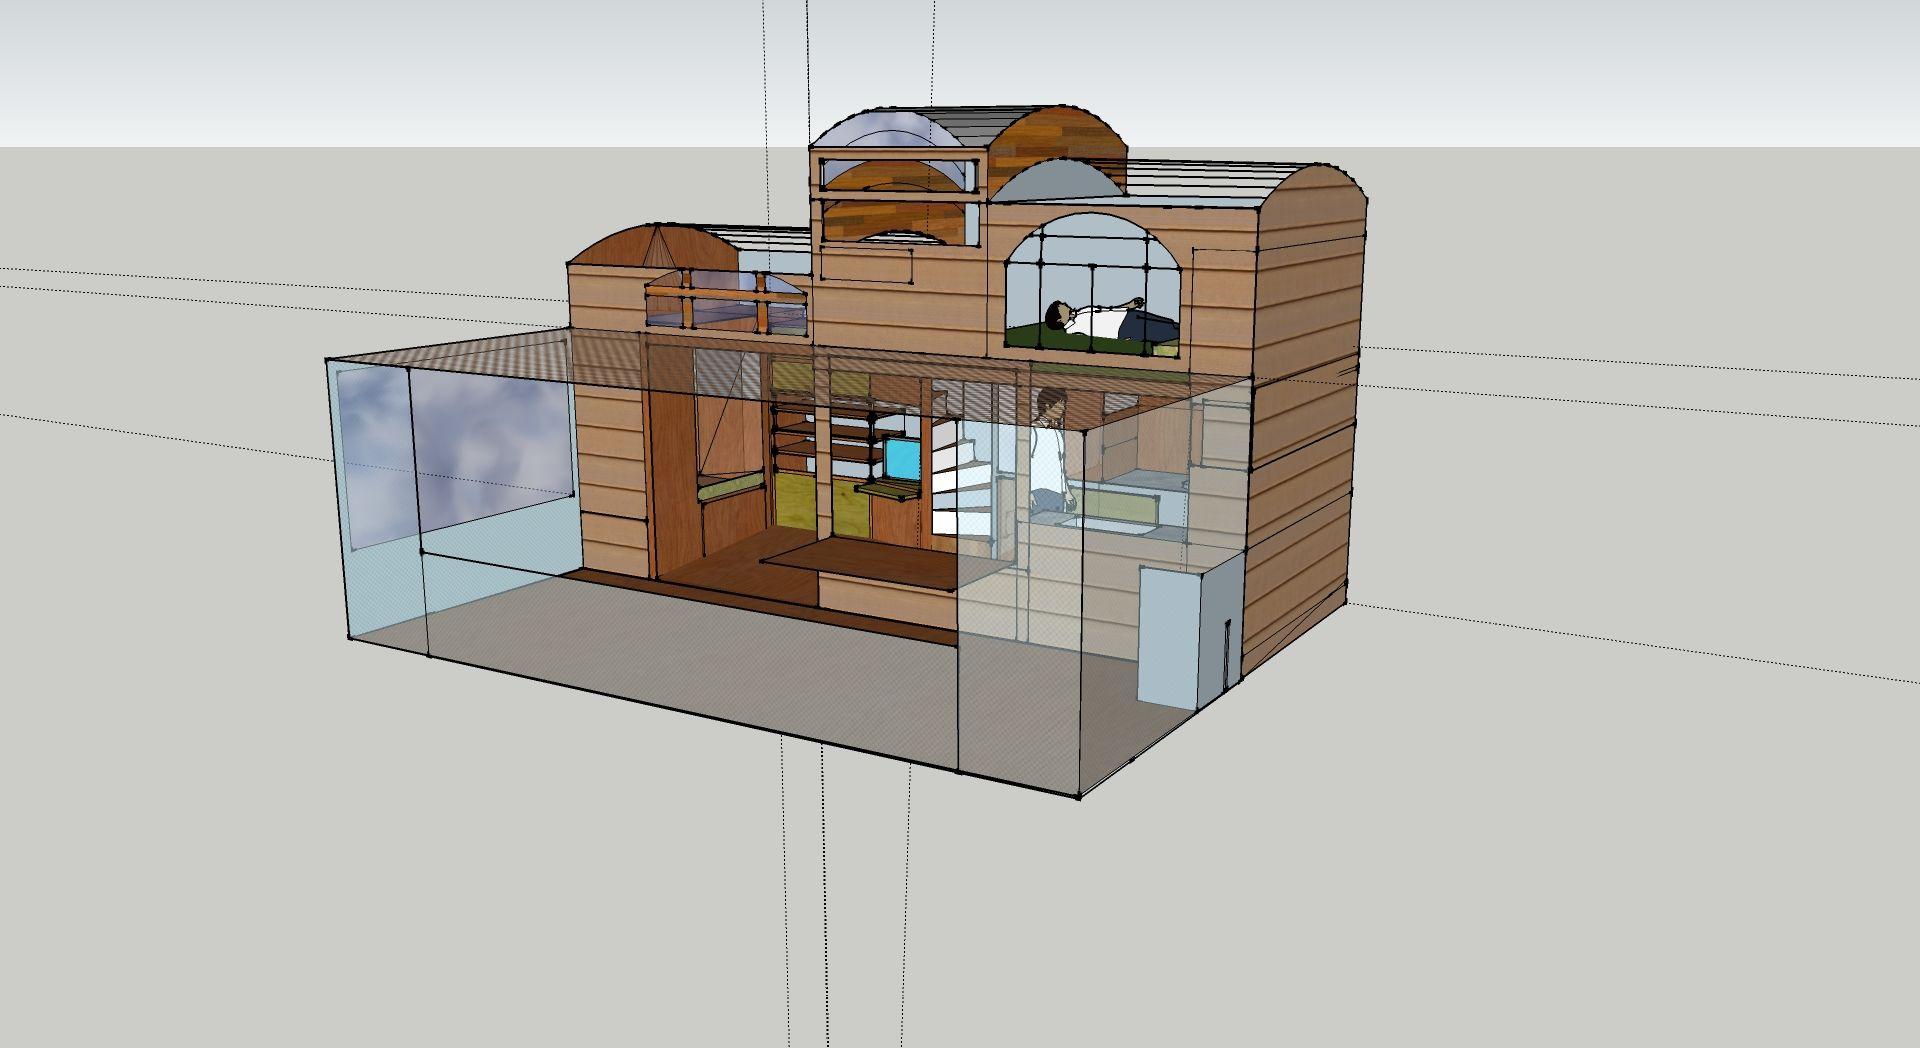 House design documentary - House